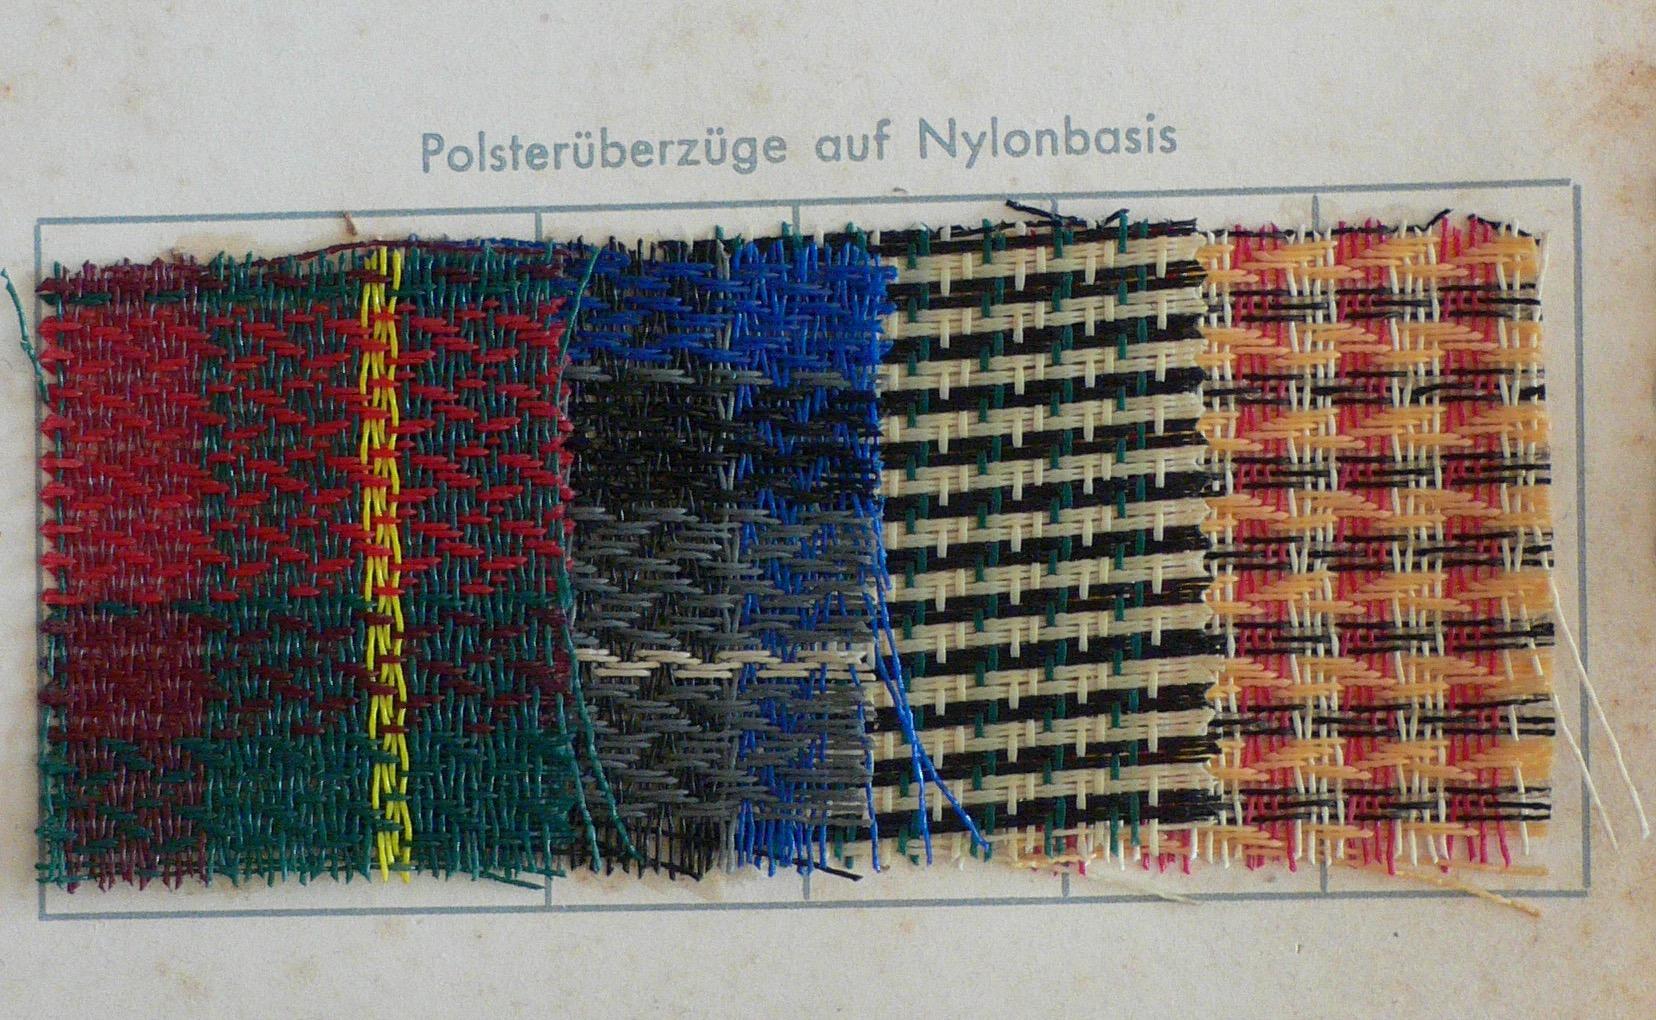 Polsterüberzüge auf Nylonbasis